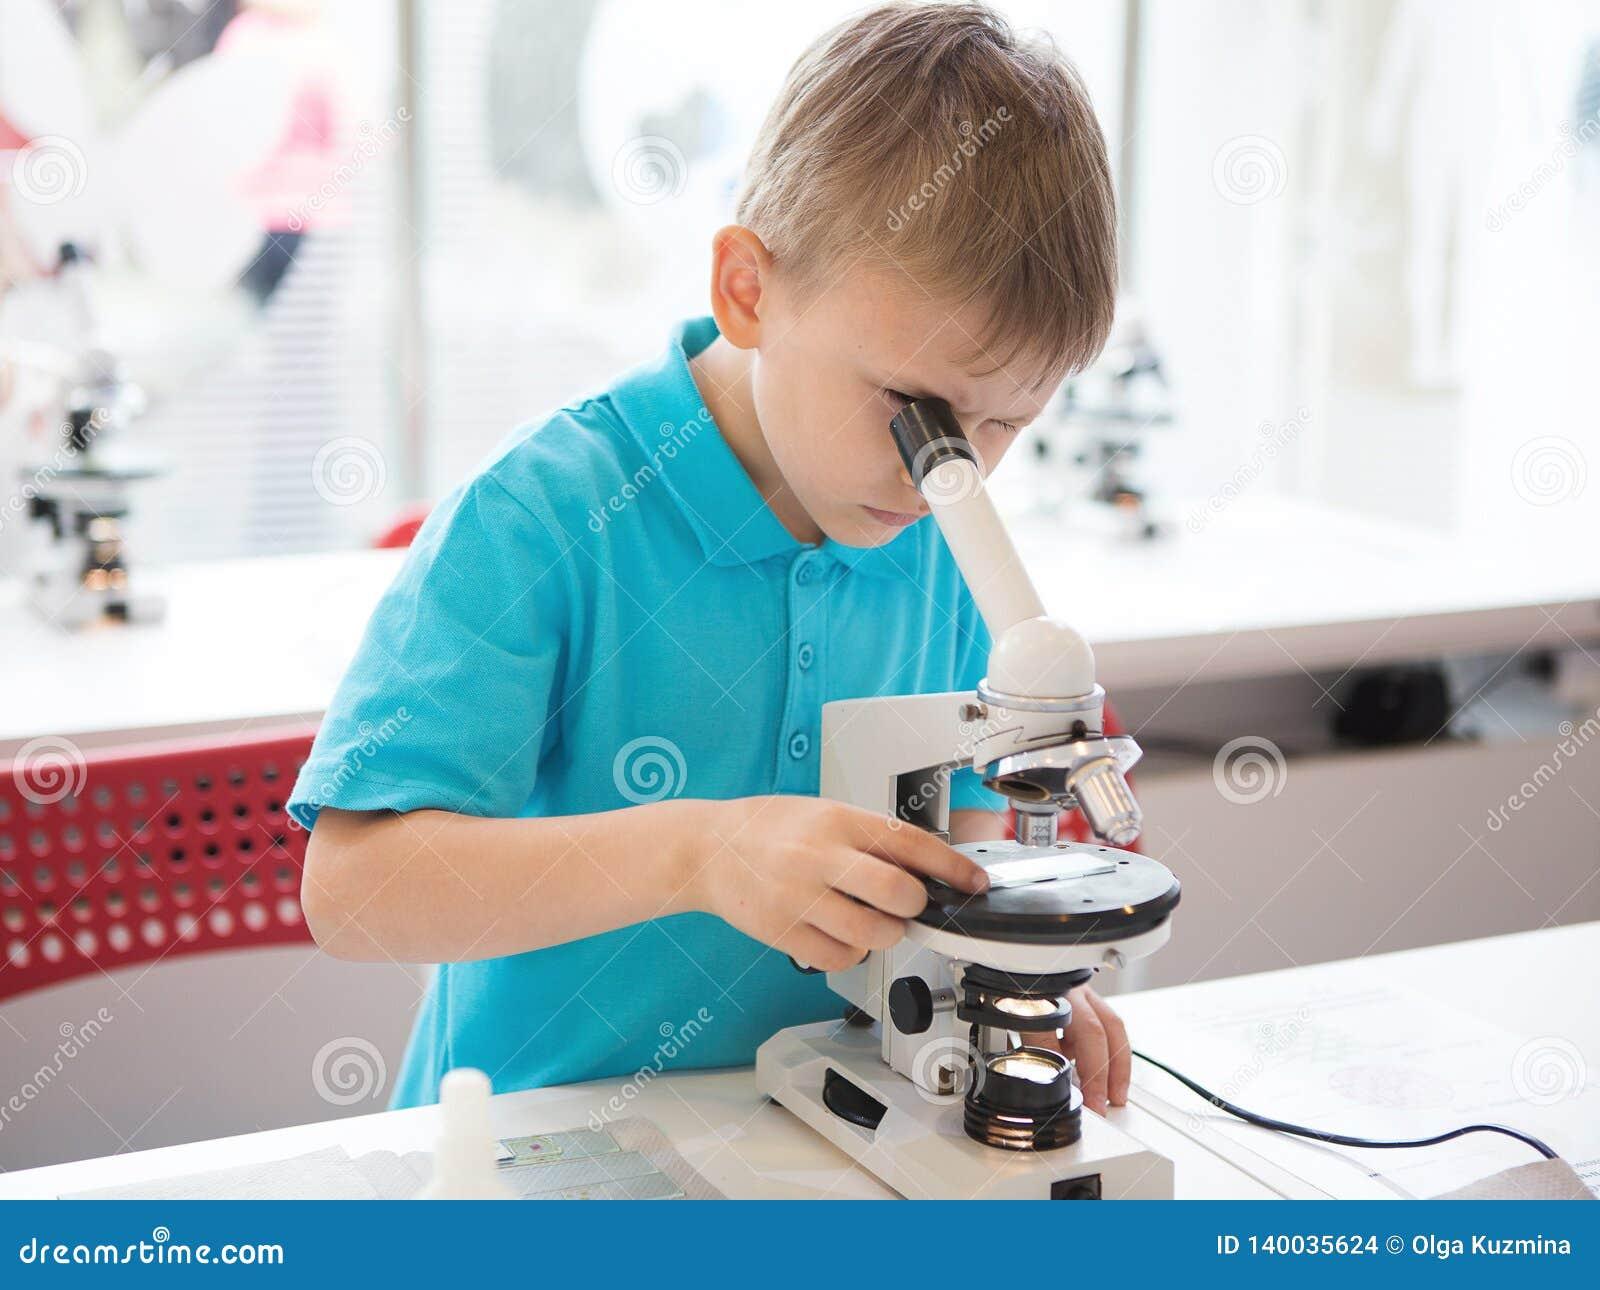 Μικρό παιδί που κάνει την έρευνα βιοχημείας στο εργαστήριο Ένα αγόρι της ευρωπαϊκής εμφάνισης σε ένα πόλο πραγματοποιεί τα βιολογ